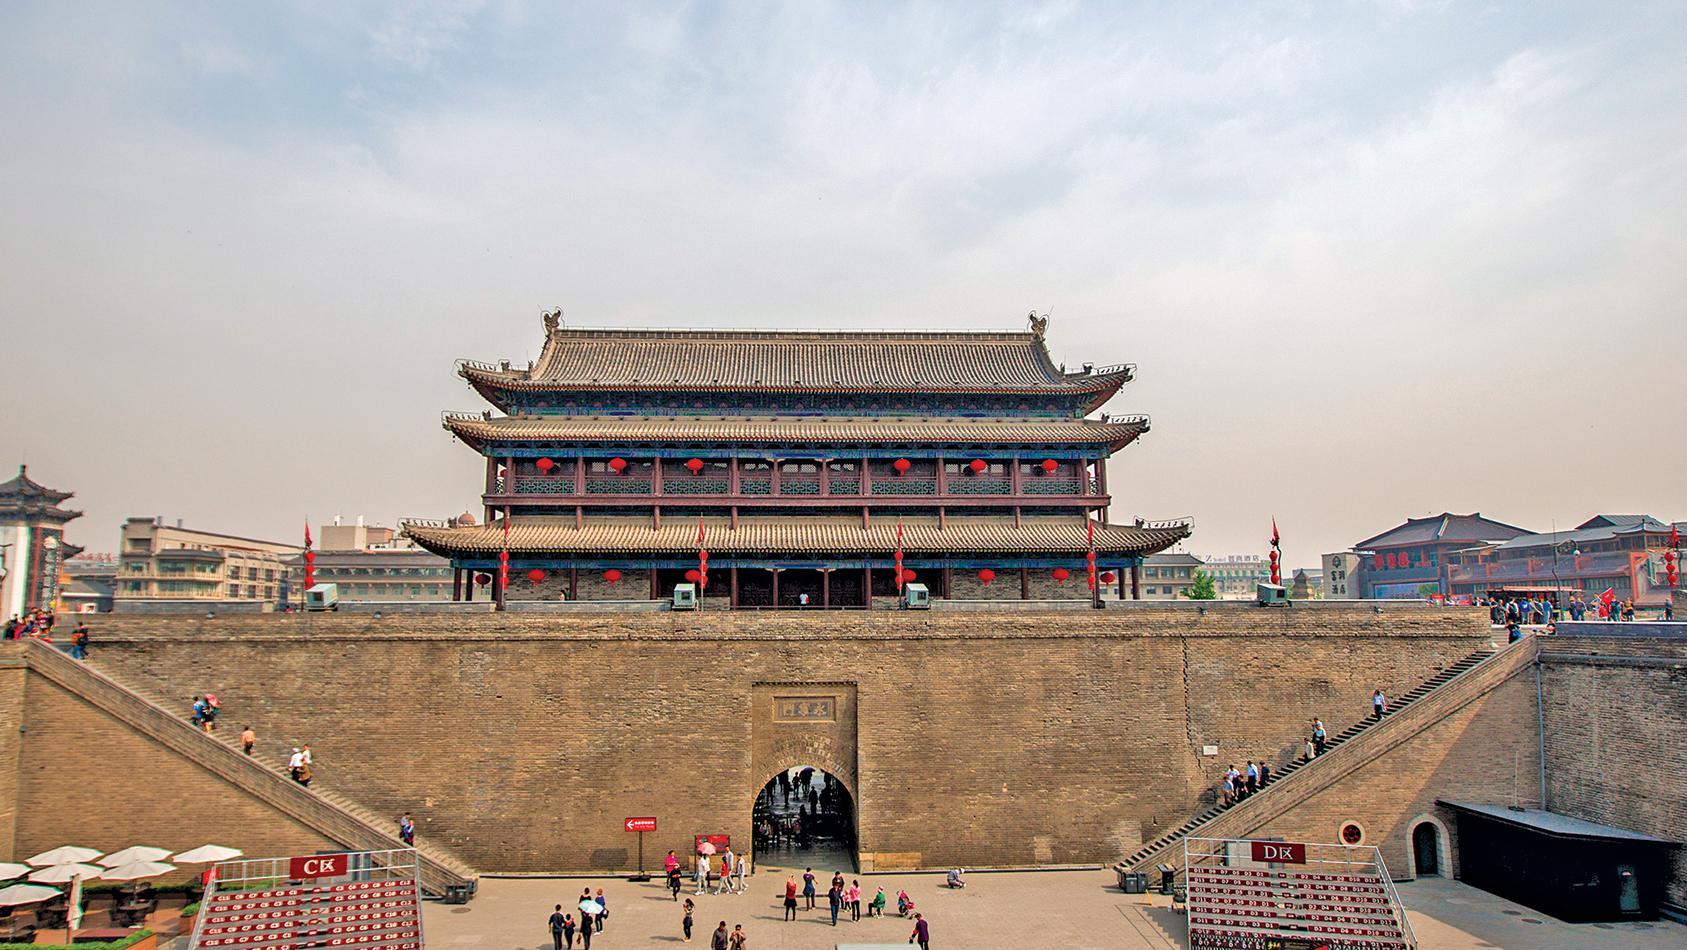 ▲ 故秦都城咸陽郊外舉辦的鴻門宴為楚、漢戰爭埋下了伏筆。圖為西安古城門。(Shutterstock)